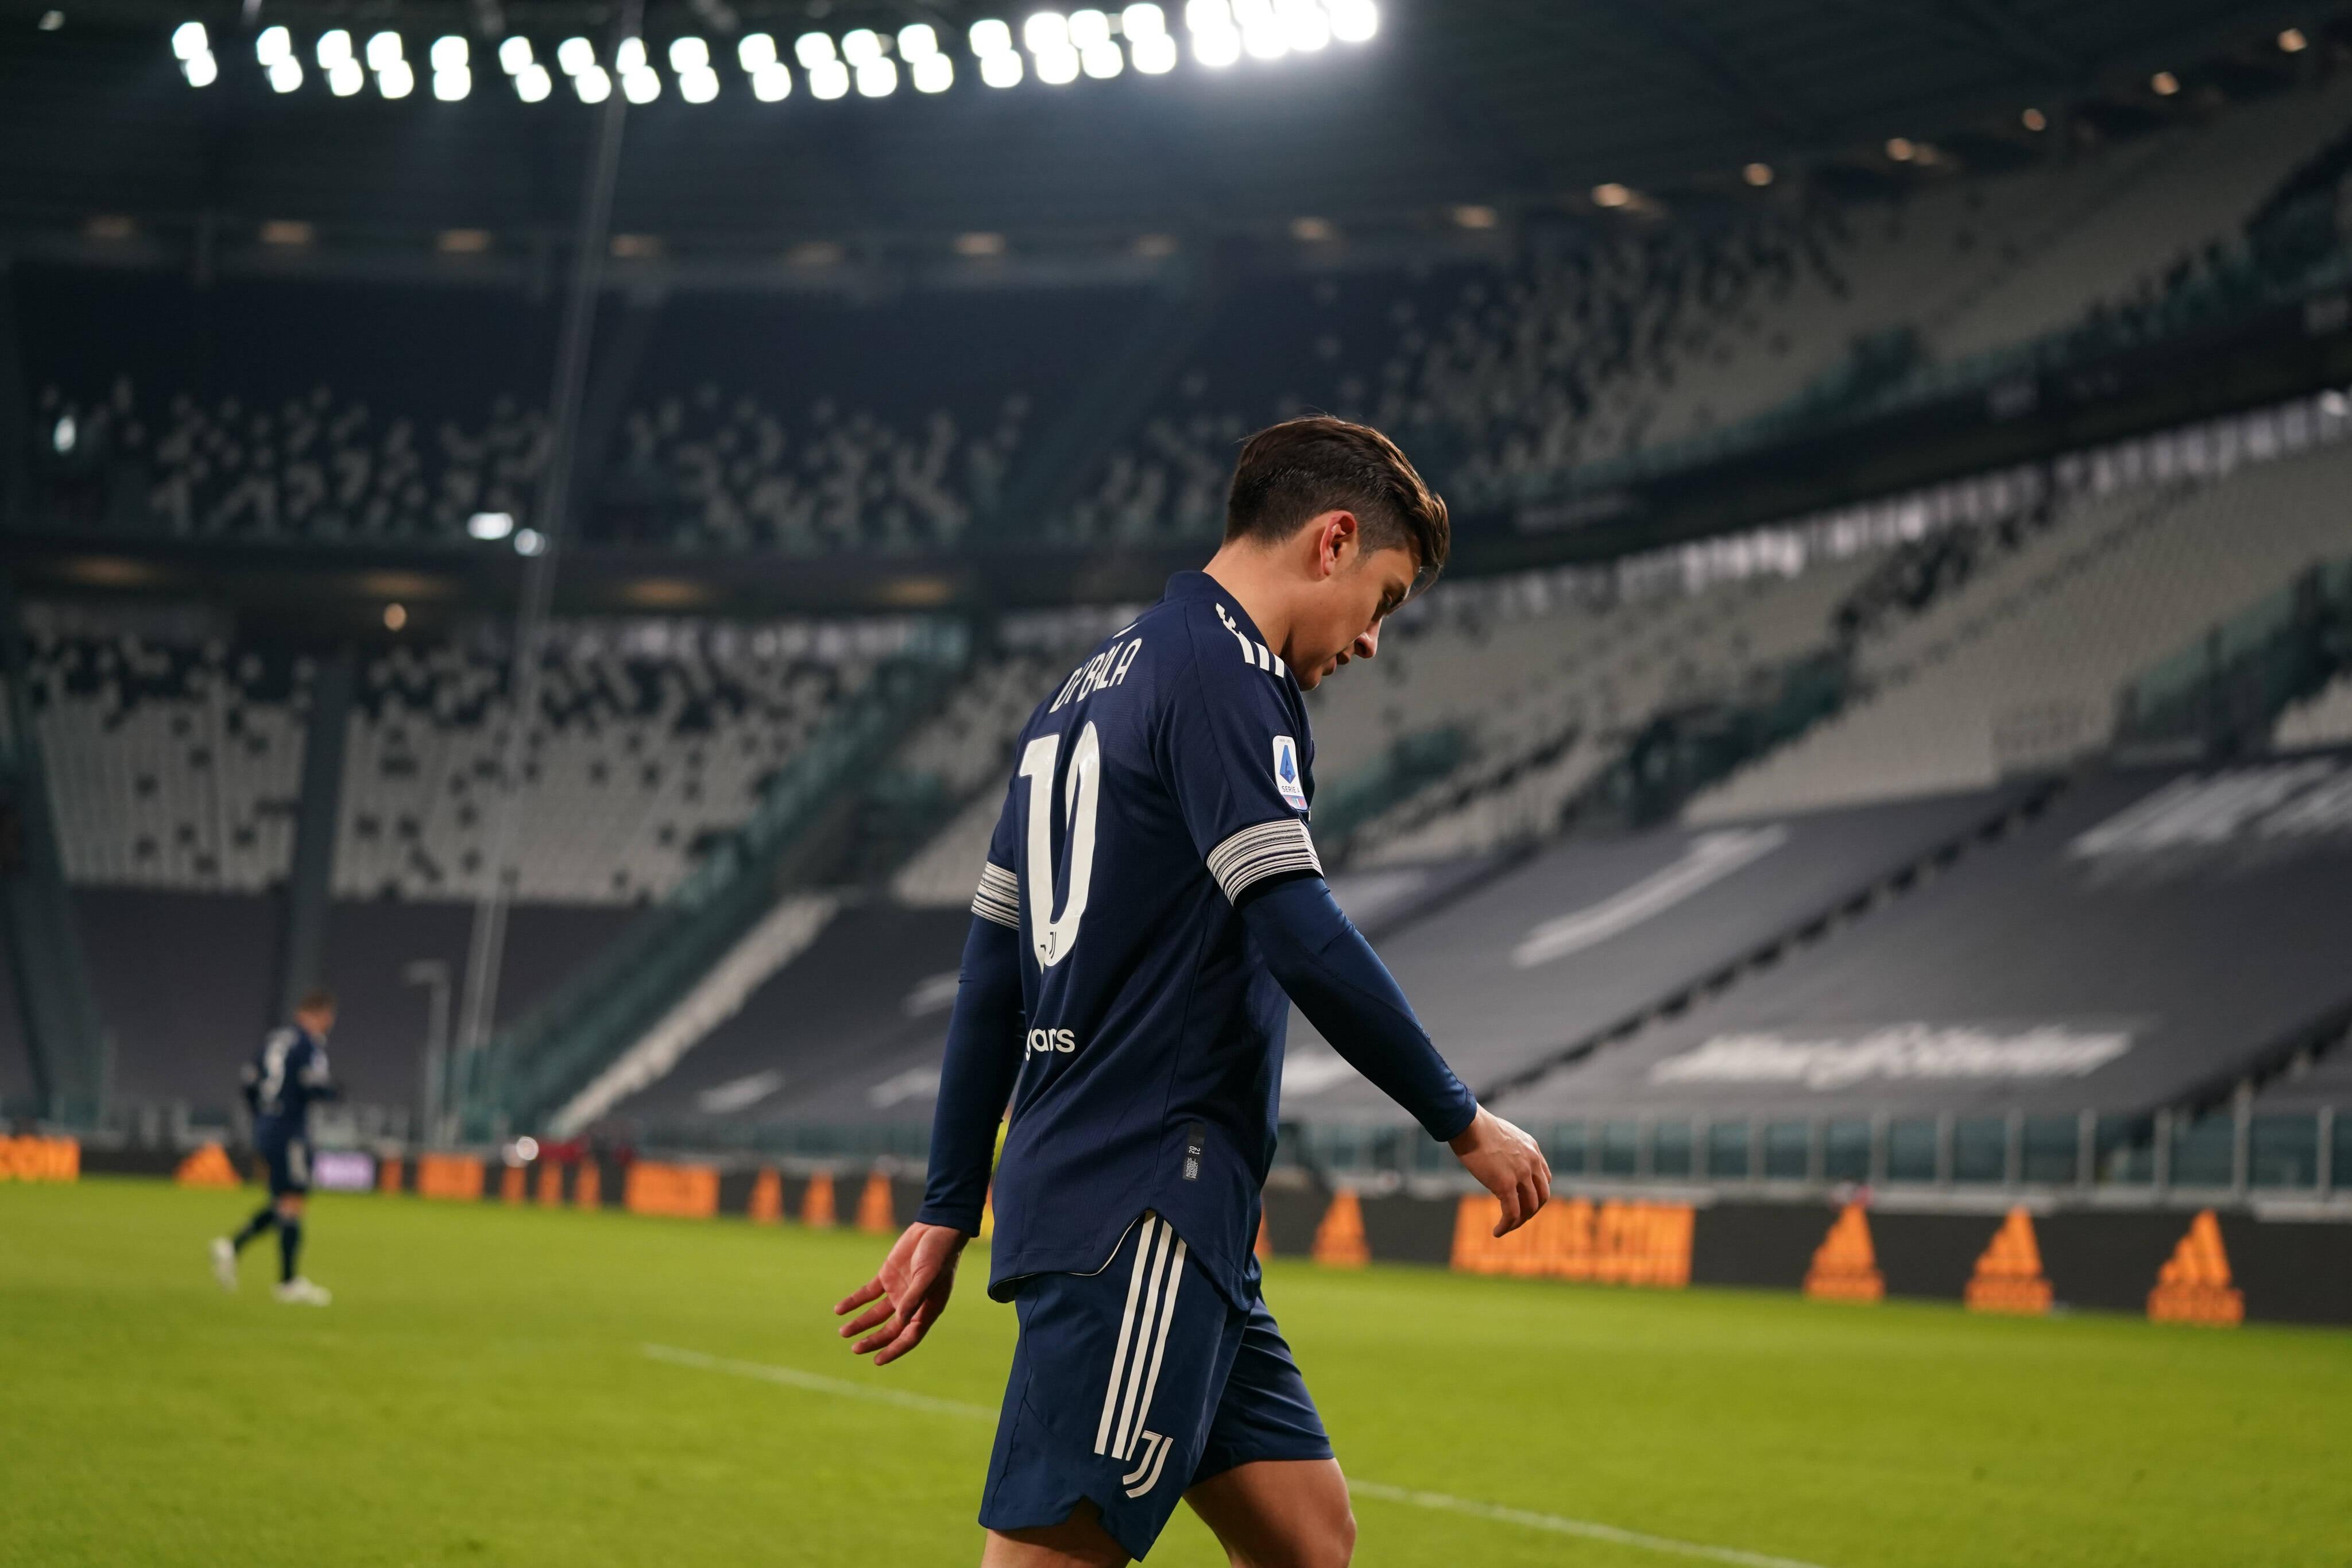 Juventus วางป้ายขาย Paulo Dybala;  Paris SG ท่ามกลางสโมสรในยุโรปที่แสดงความสนใจ